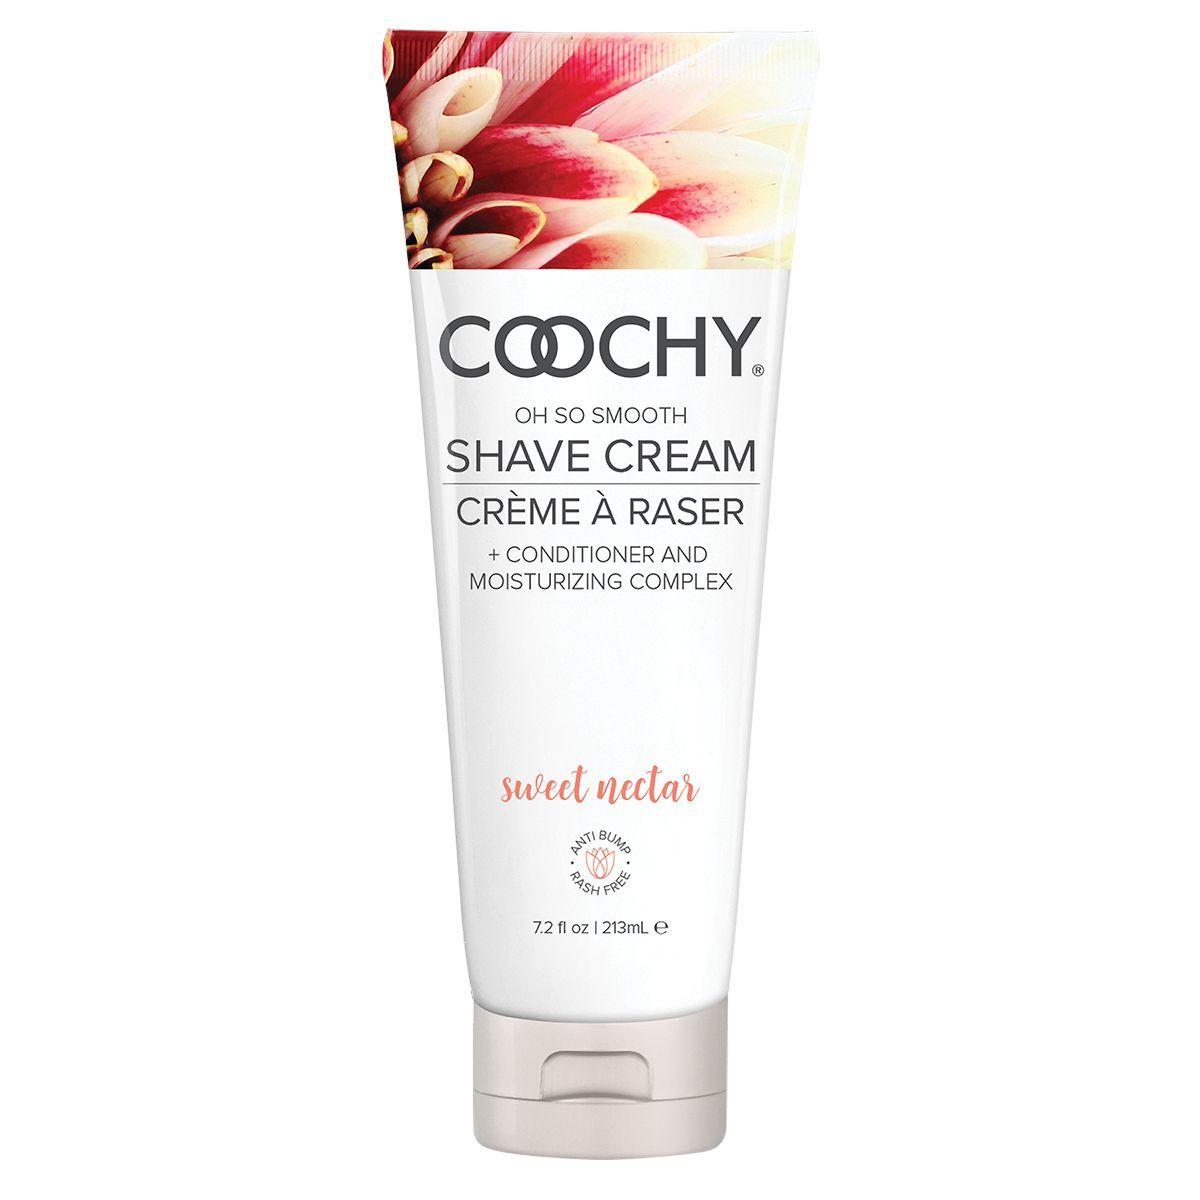 Средства по уходу за телом, косметика: Увлажняющий комплекс COOCHY Sweet Nectar - 213 мл.